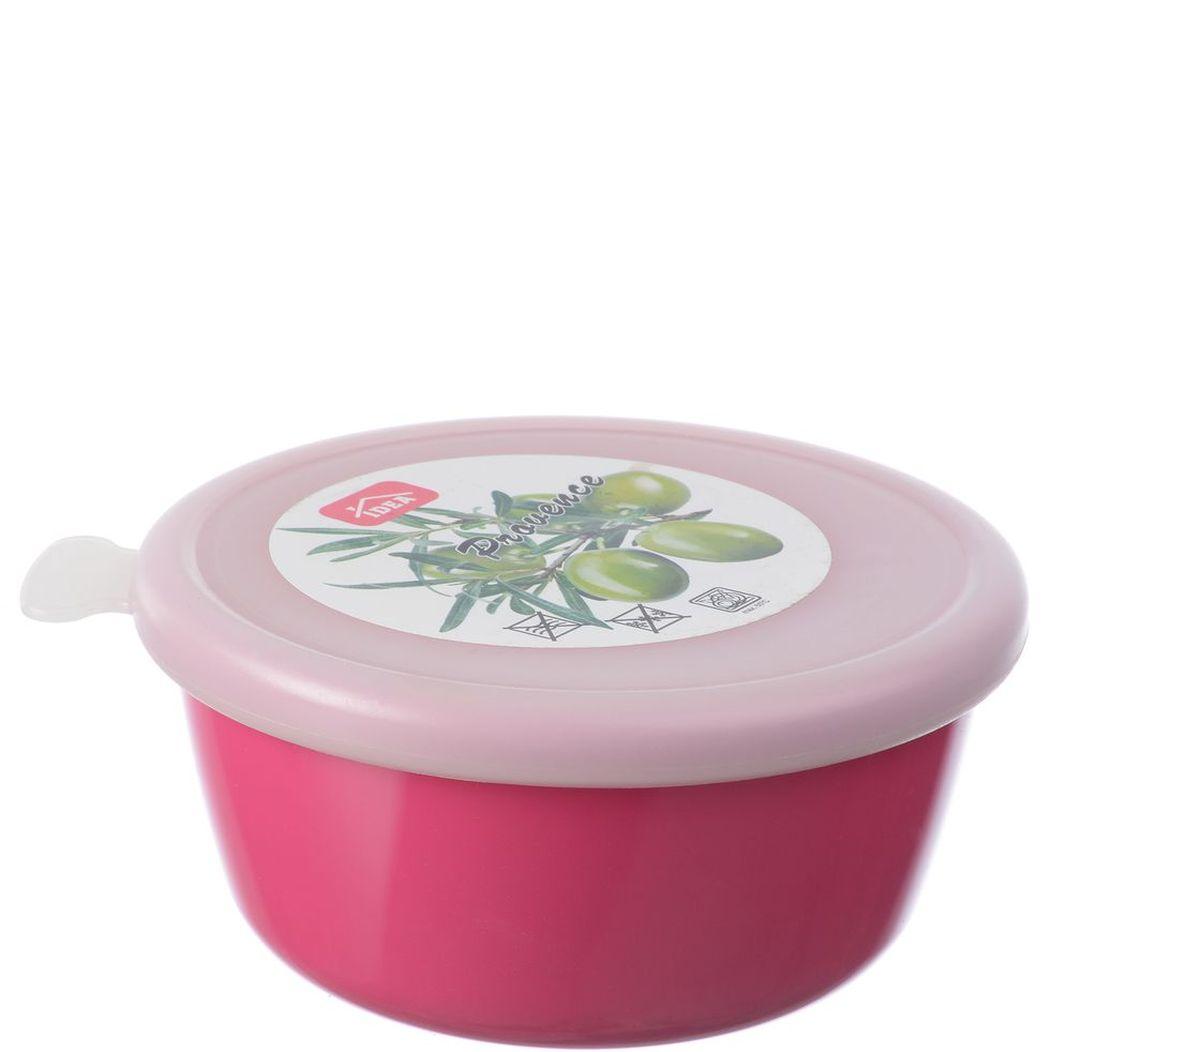 Миска Idea Прованс, с крышкой, цвет: малиновый, 0,35 лМ 1380Миска круглой формы Idea Прованс изготовлена из высококачественного пищевого пластика. Изделие очень функциональное, оно пригодится на кухне для самых разнообразных нужд: в качестве салатника, миски, тарелки. Герметичная крышка обеспечивает продуктам долгий срок хранения. Диаметр миски: 11,5 см. Высота миски: 5,5 см.